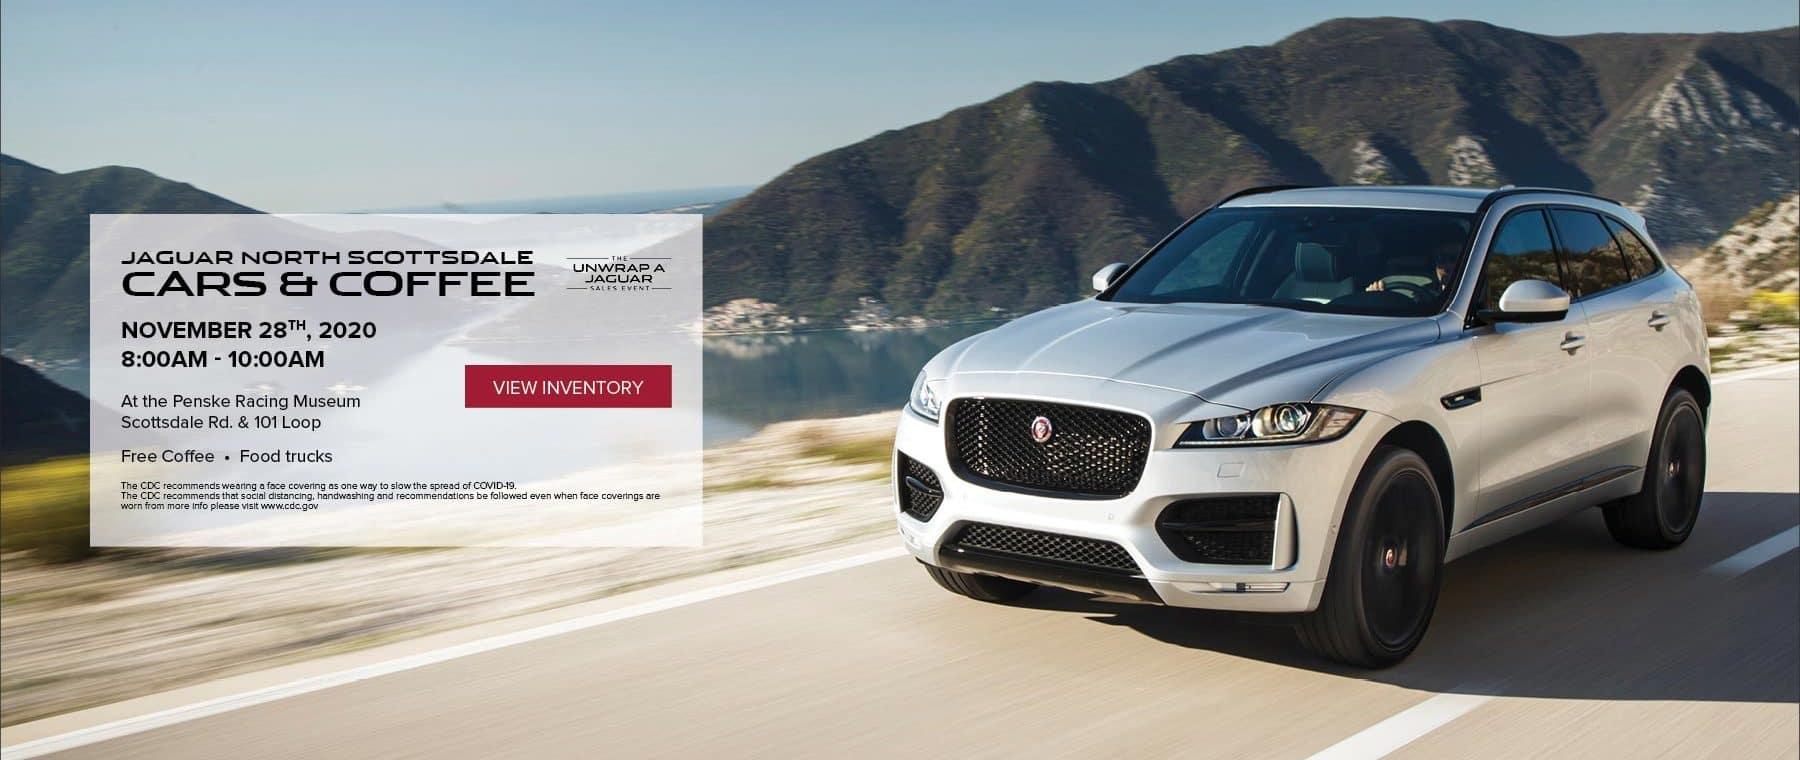 Jaguar North Scottsdale - Cars & Coffee